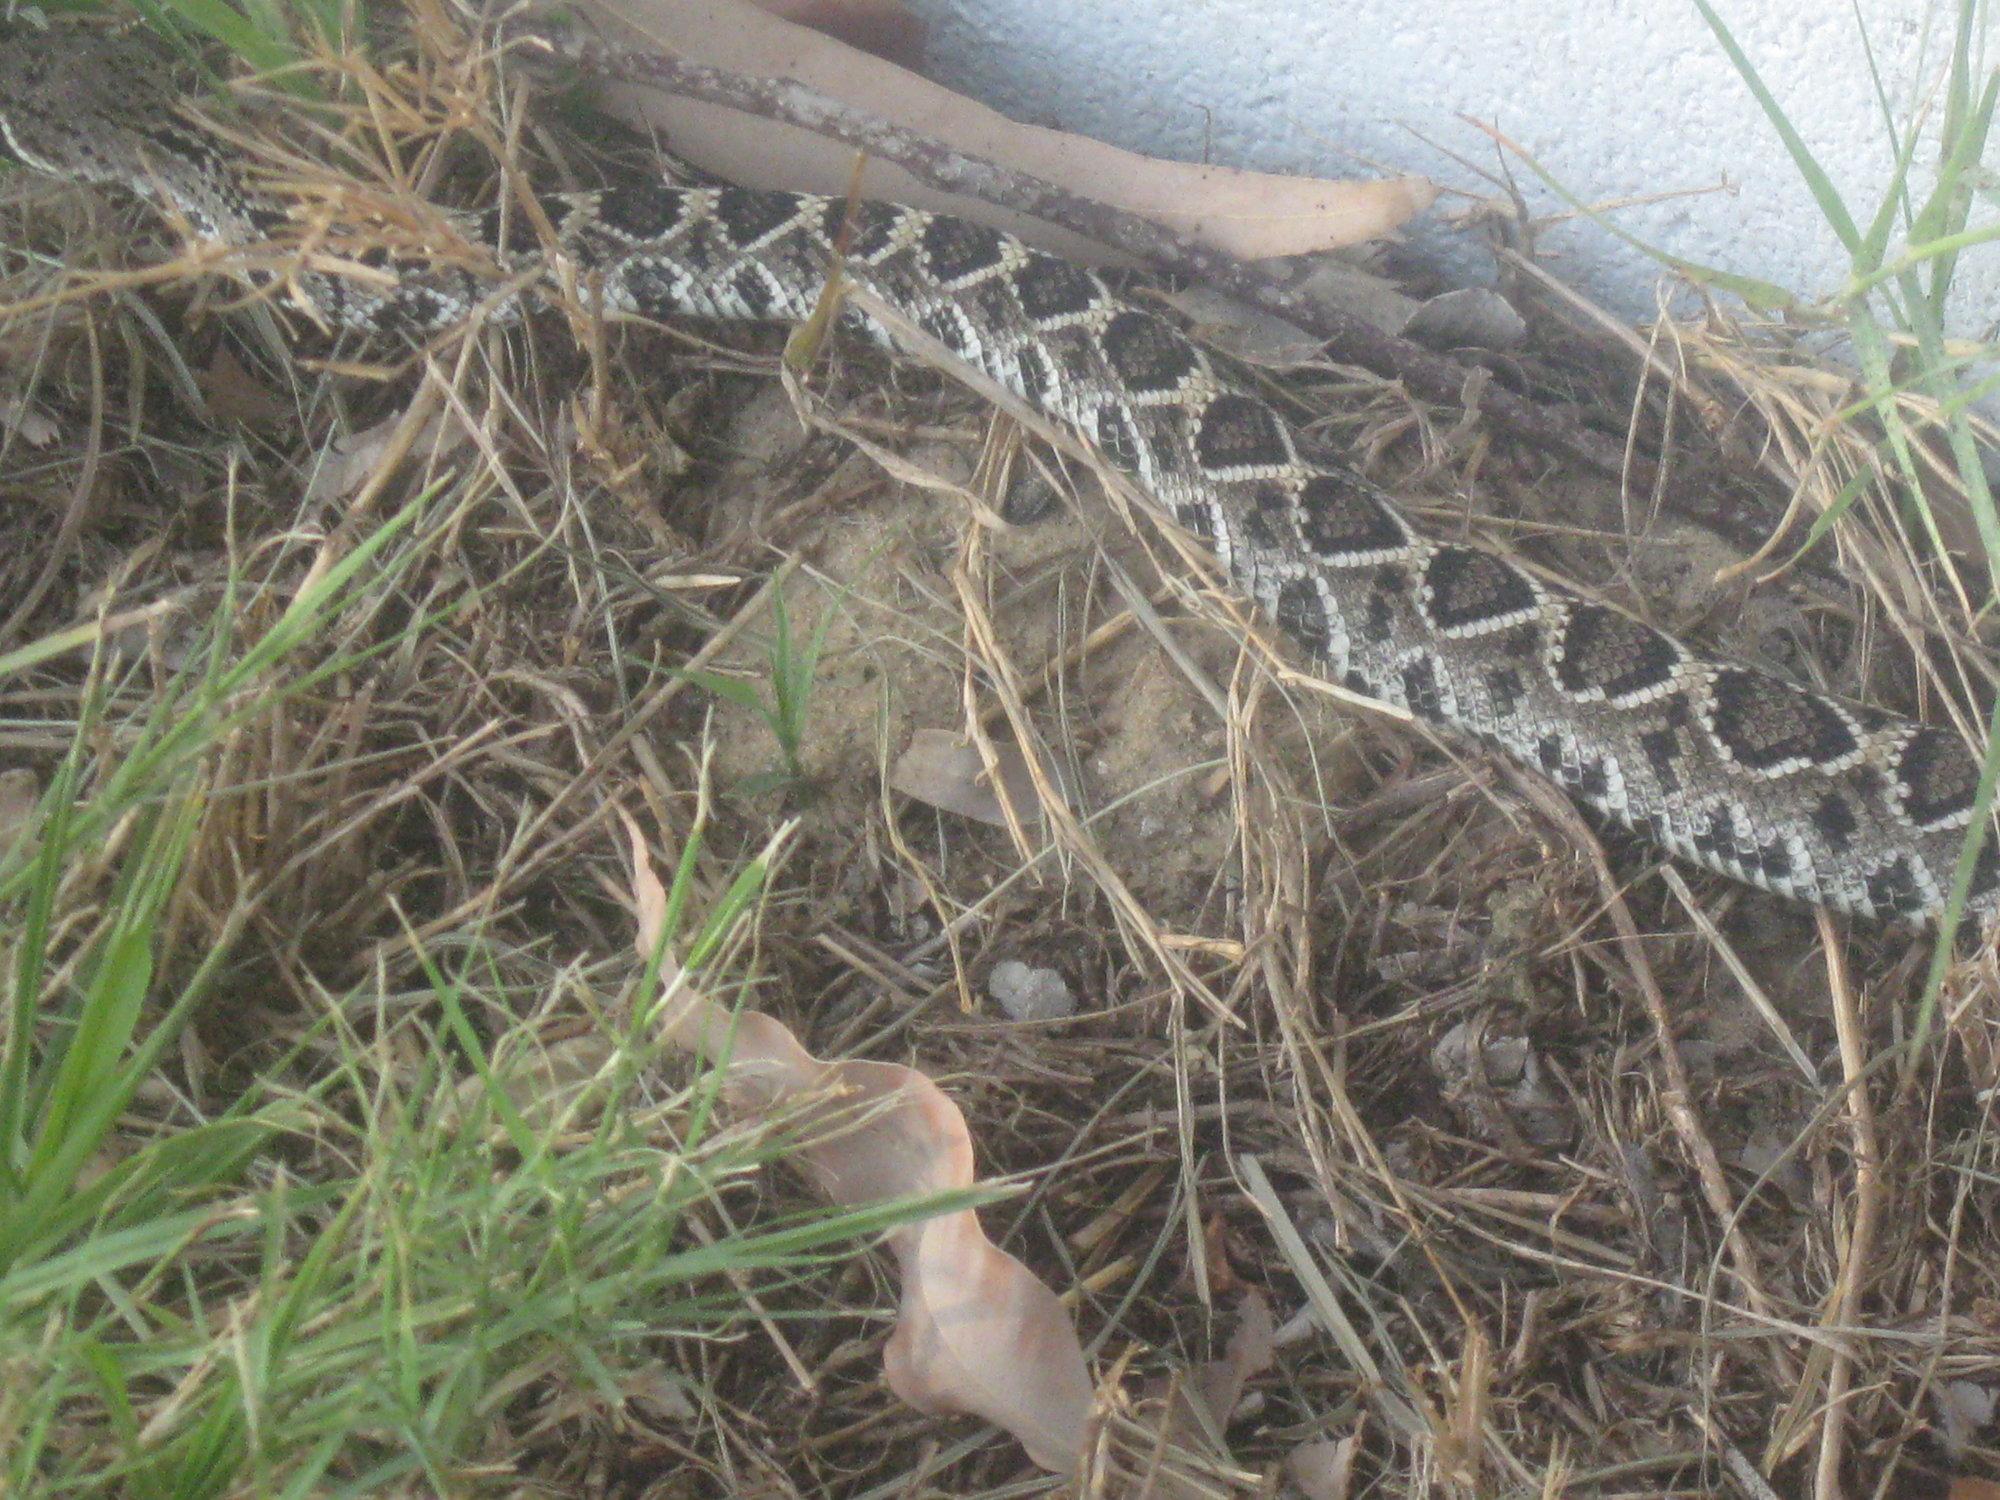 snake 045.jpg